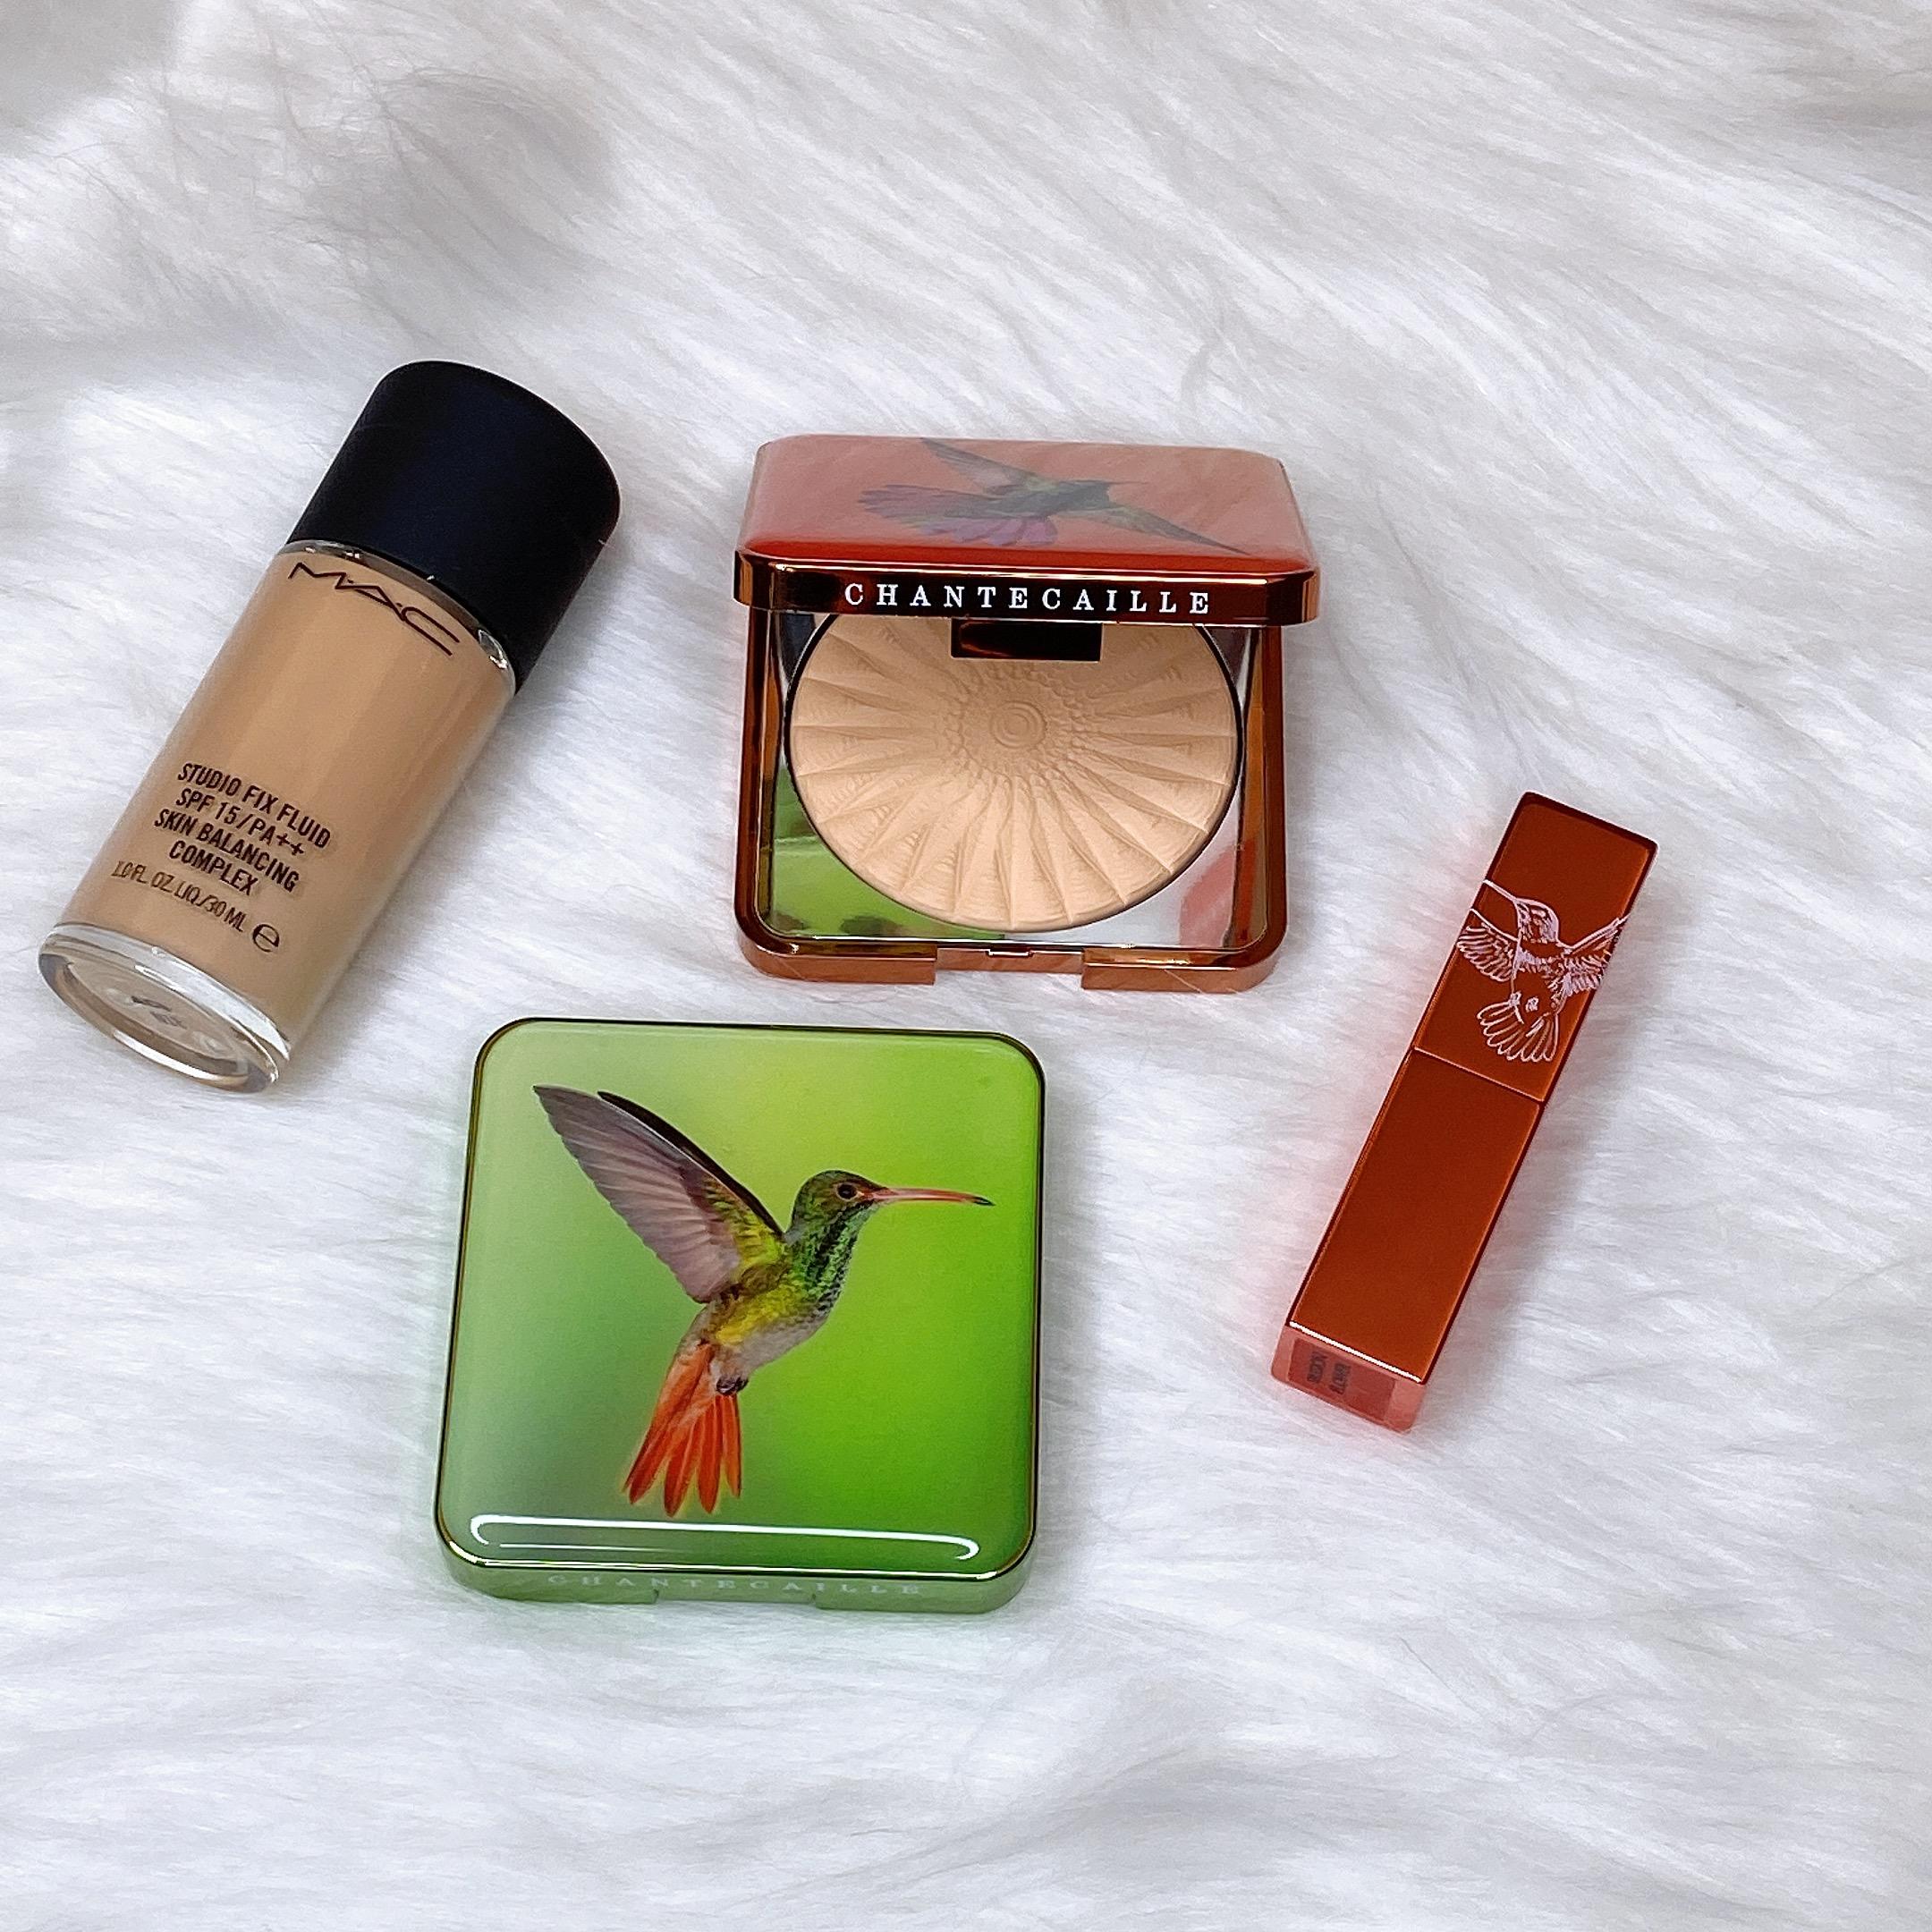 夏季彩妆,你的包包里还缺少什么